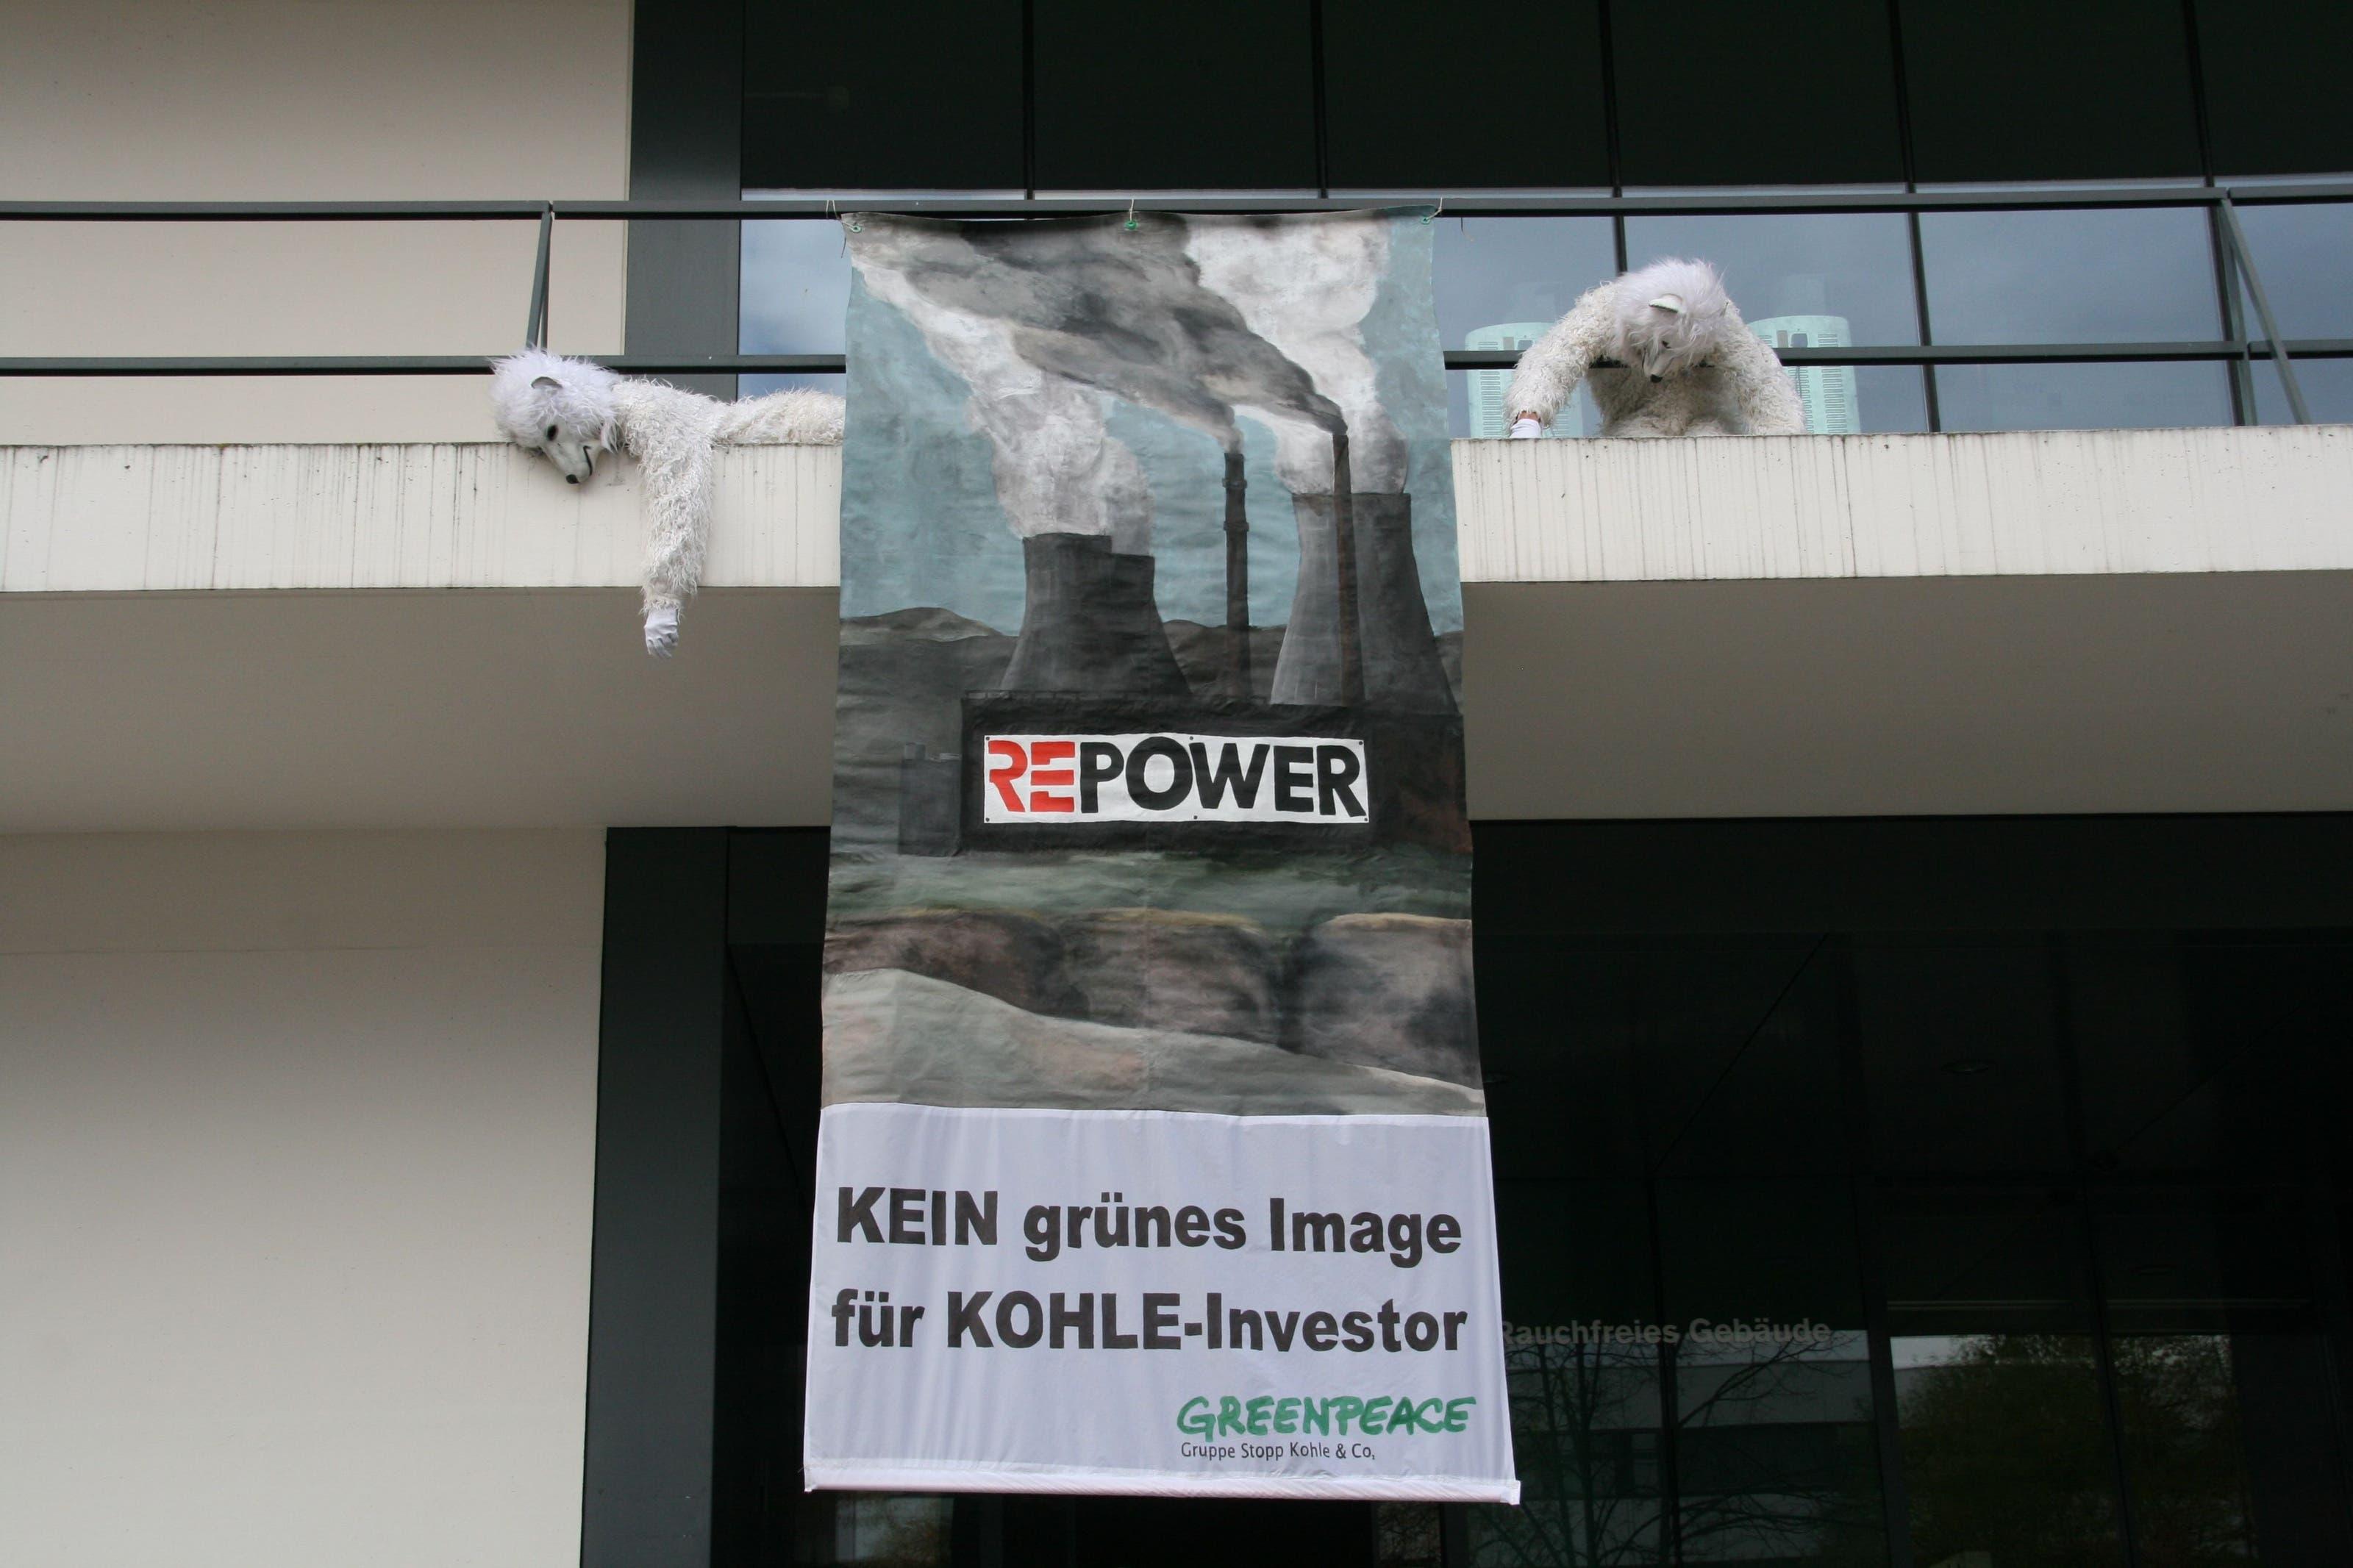 Eisbären gegen Kohlekraftwerke Im Herbst 2010 hängt ein Trans-parent an der Fassade des Trafozentrums in Baden. Vor einem Energiekongress kritisiert Greenpeace die Bündner Firma Repower, die in Italien und Deutschland Kohlekraftwerke realisieren wollte.